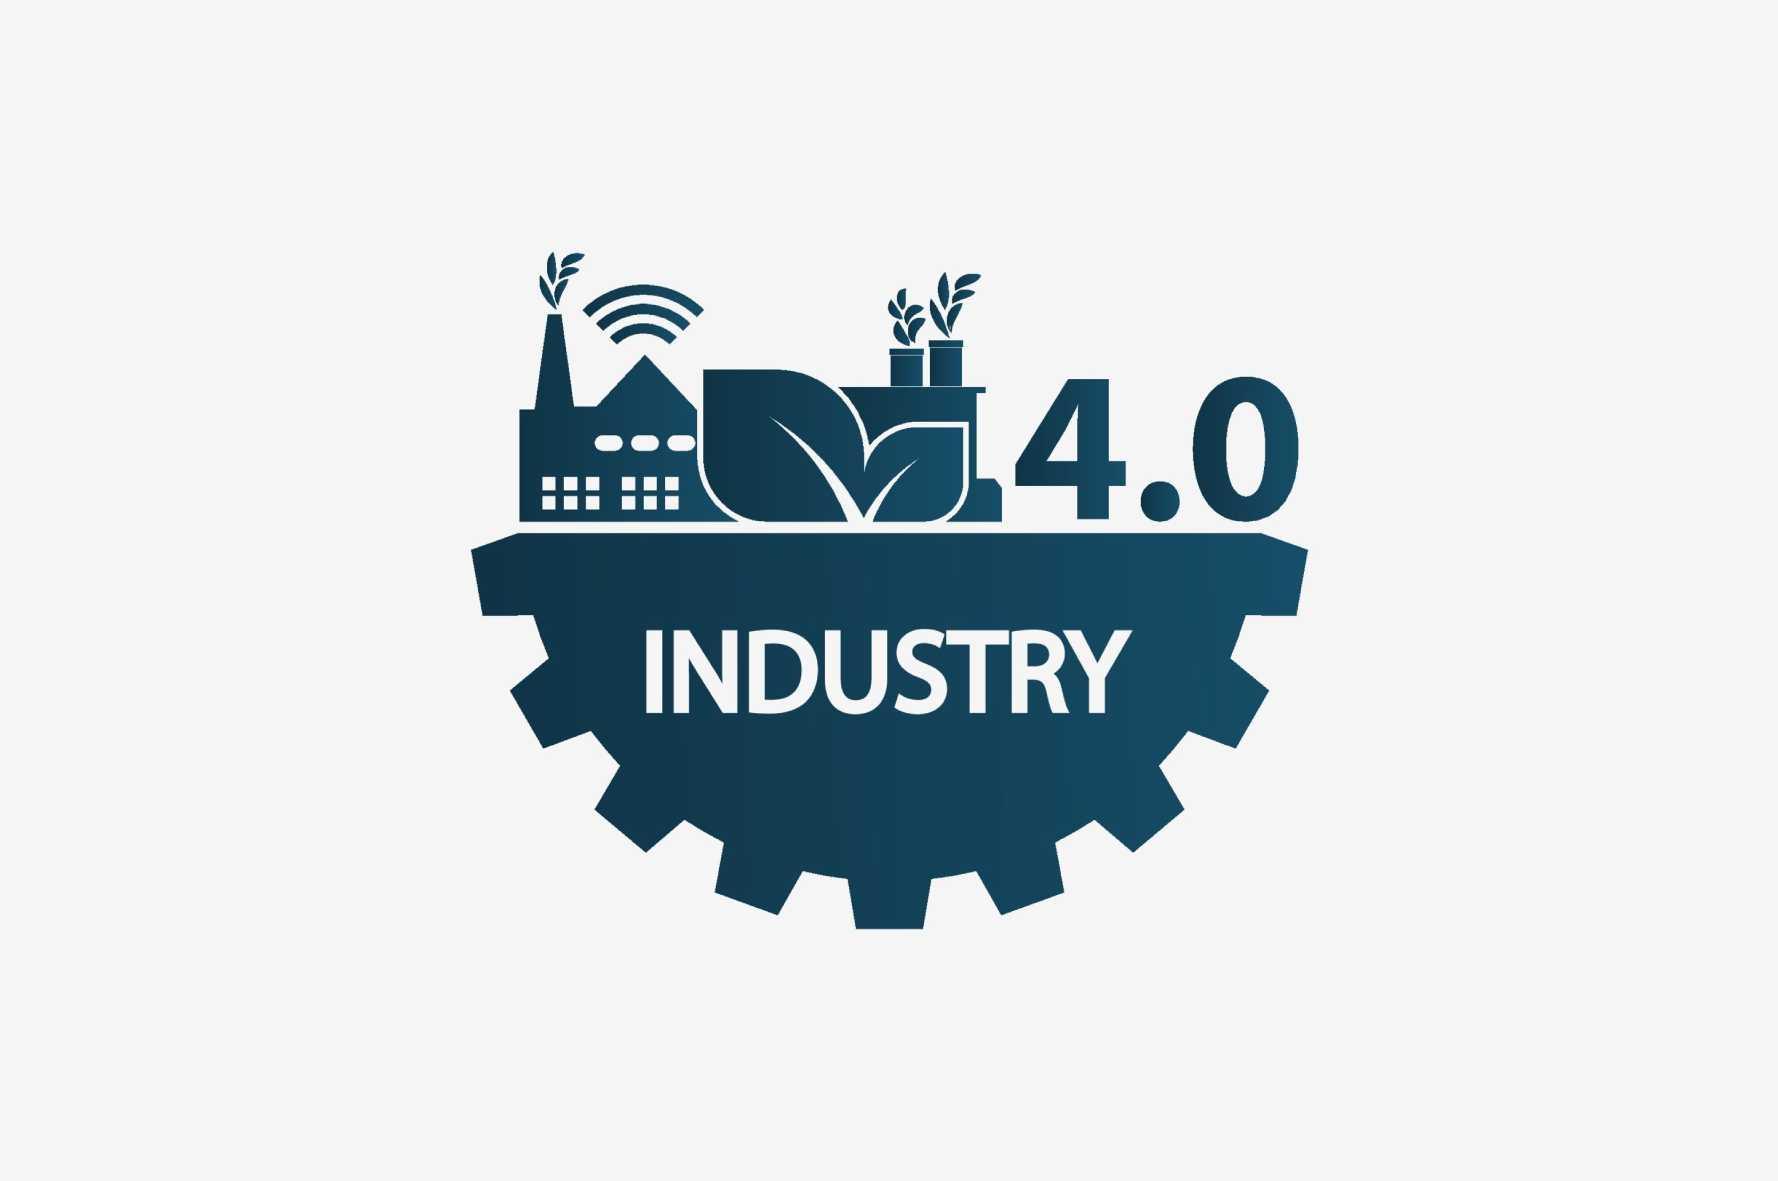 logo industria 4.0